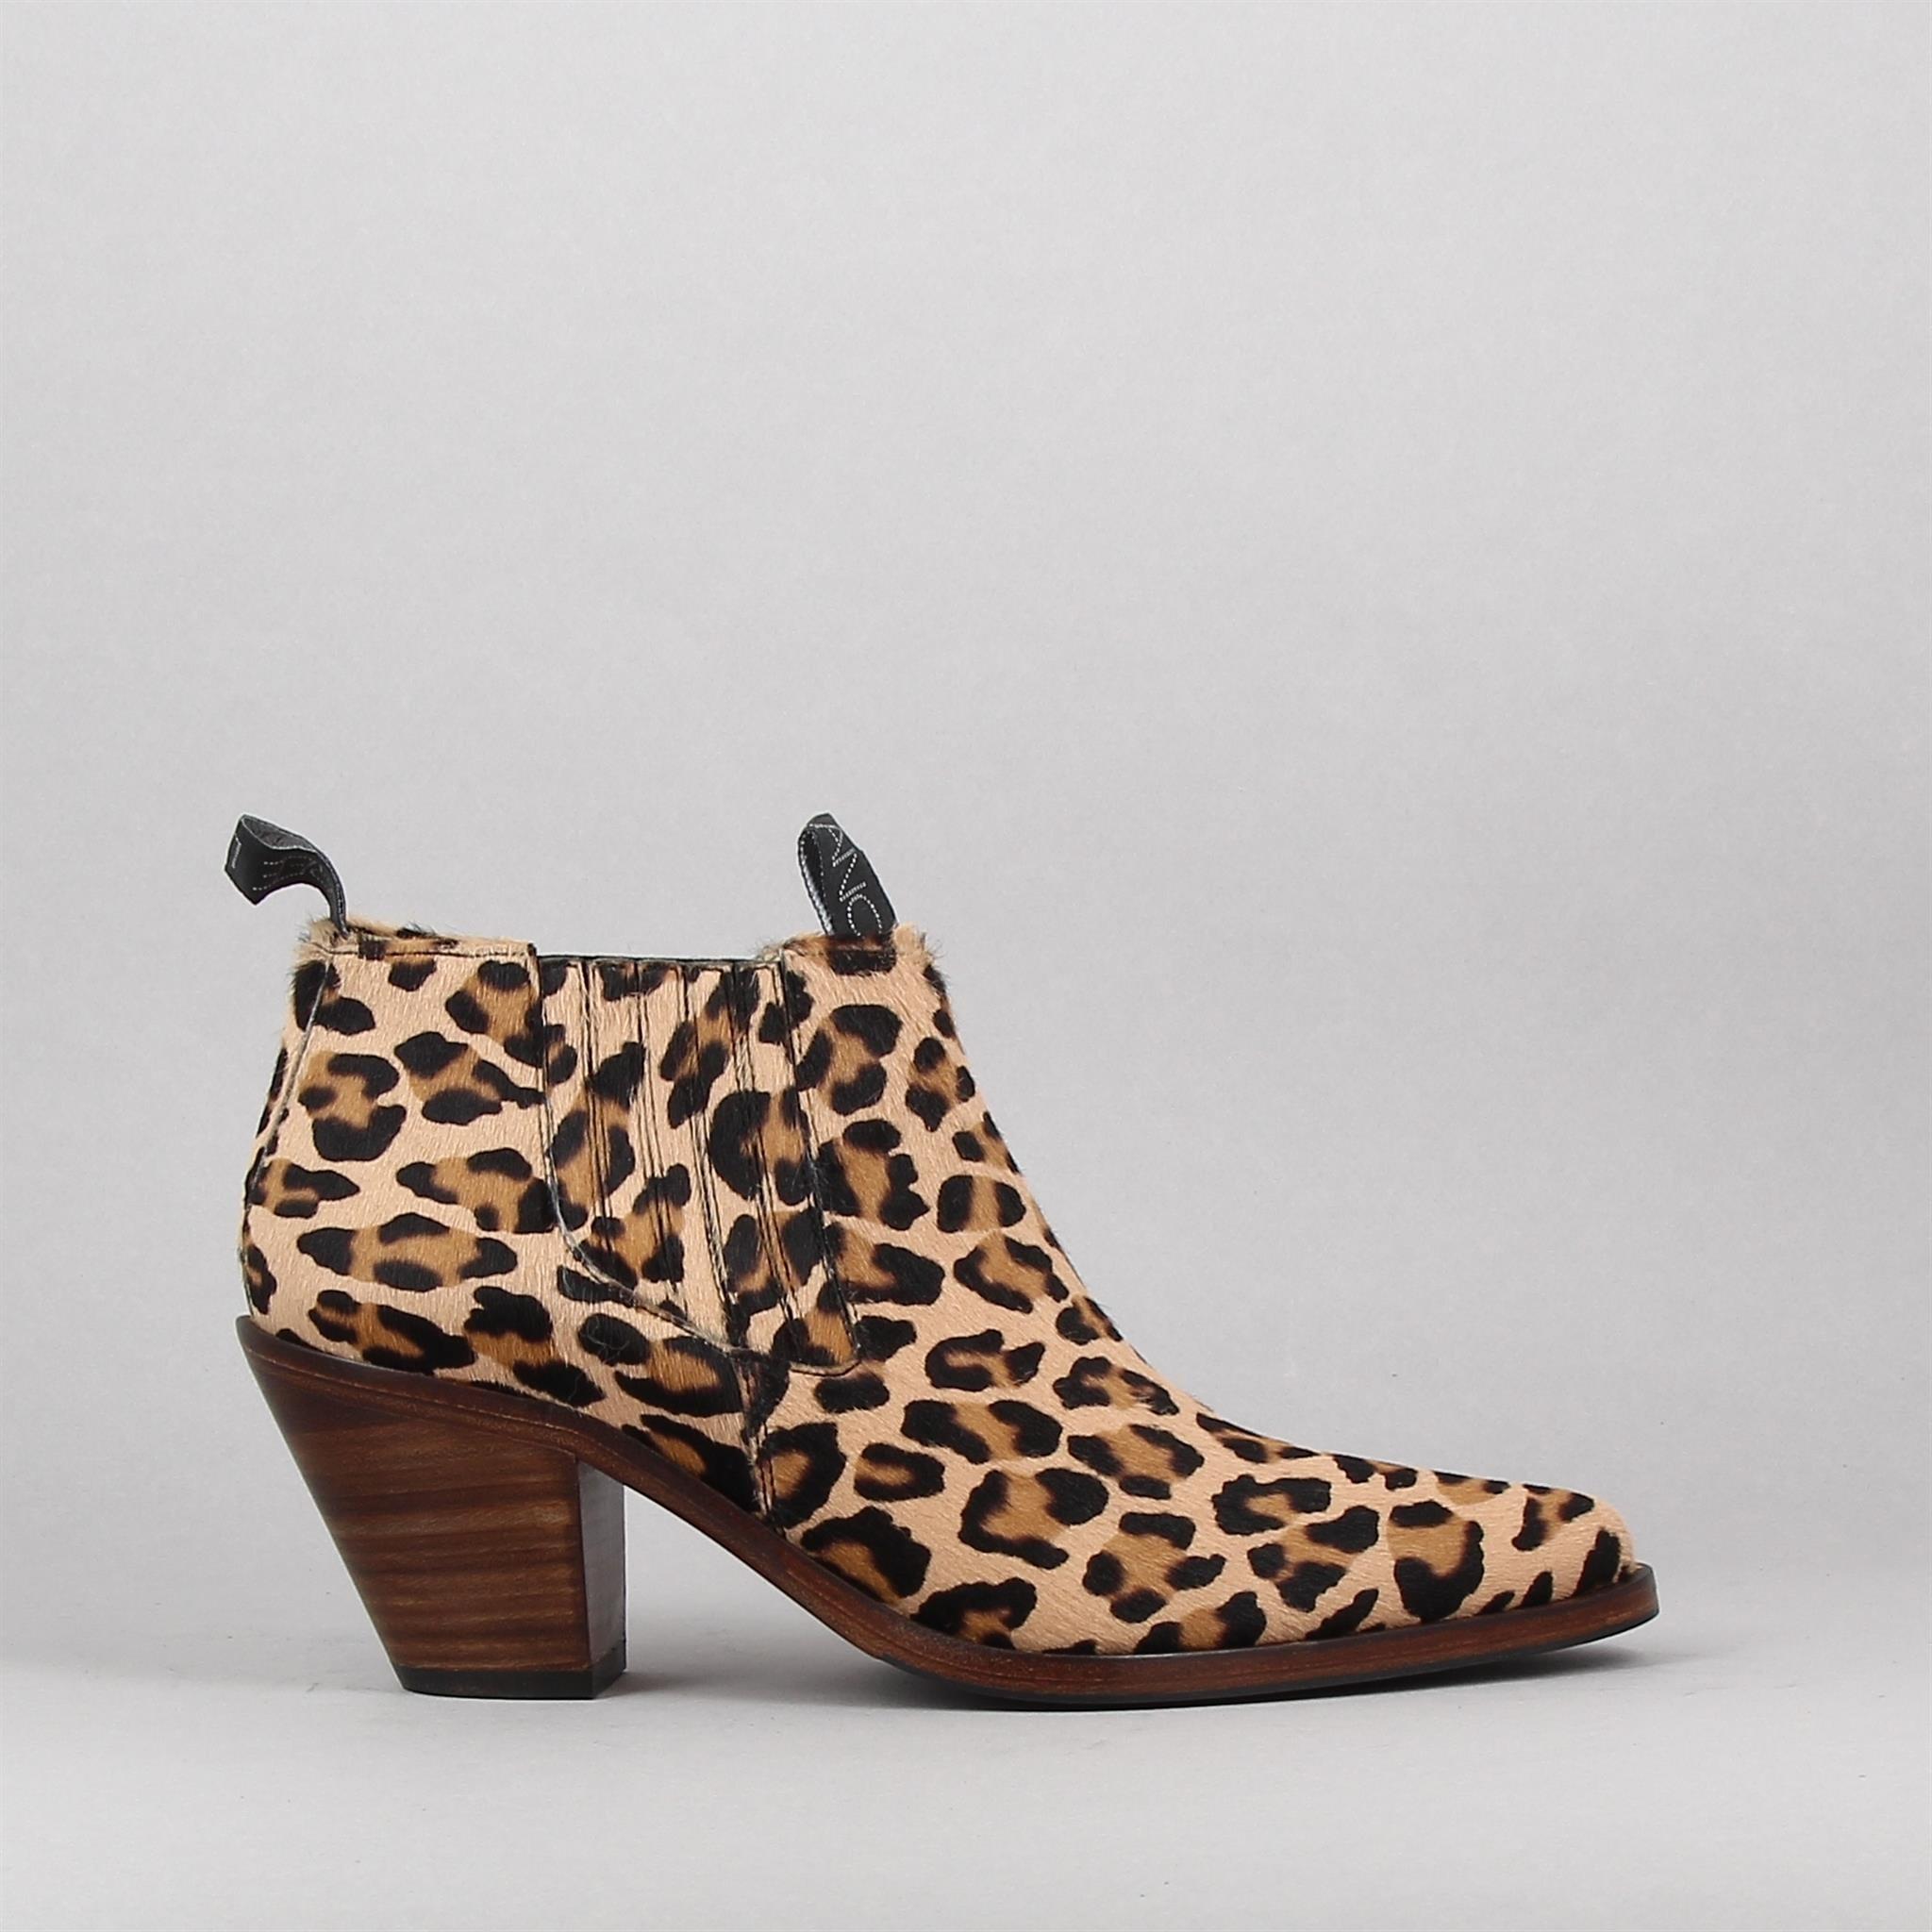 jane7-low-chels-leopard-168312834-0.jpg